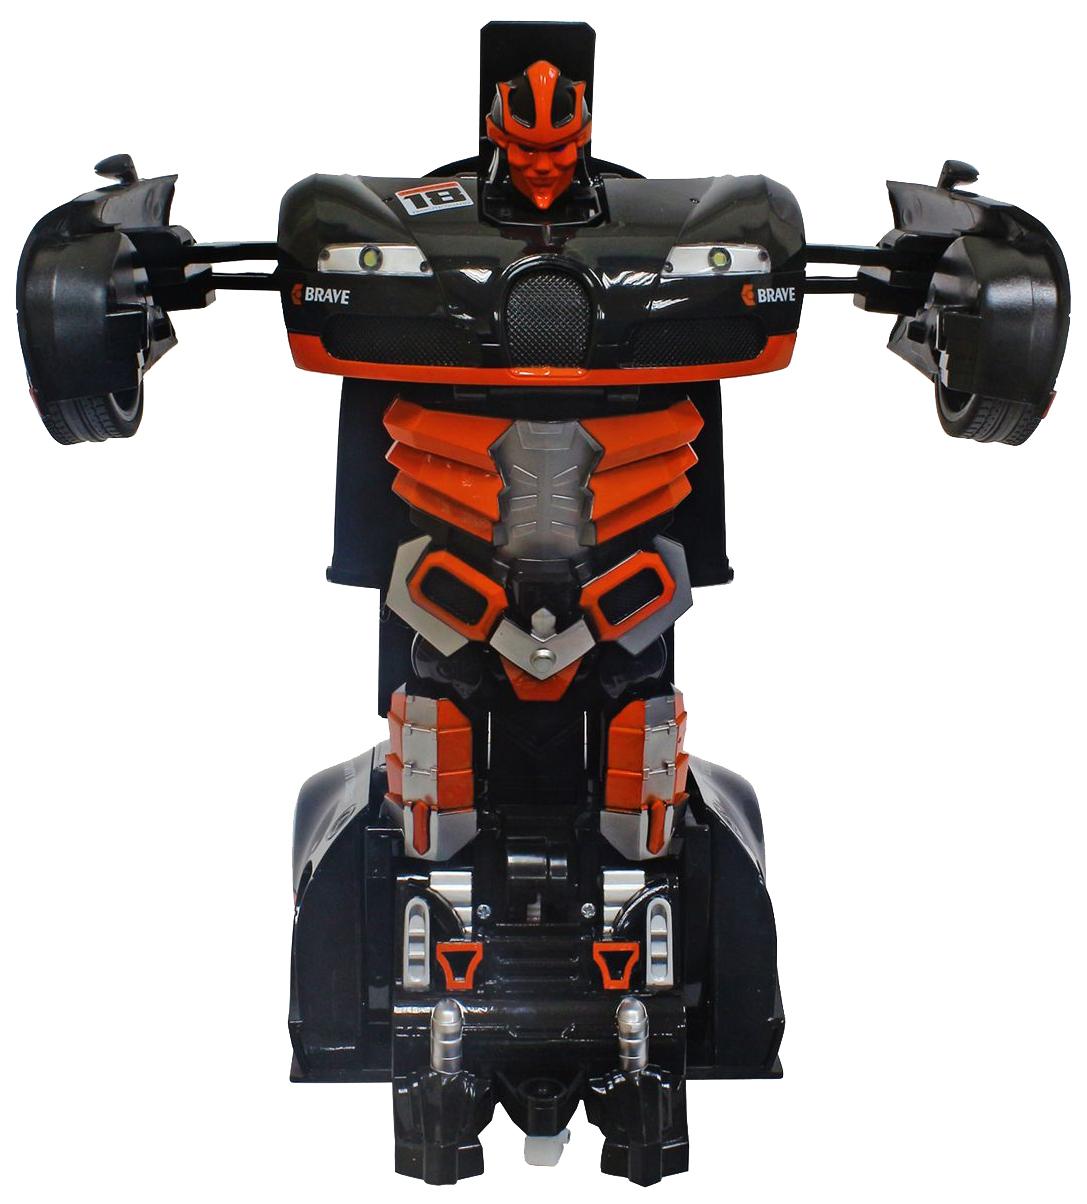 Купить Робот-трансформер на радиоуправлении Т10861 1Toy спортивный автомобиль оранжевый, 1 TOY, Радиоуправляемые роботы